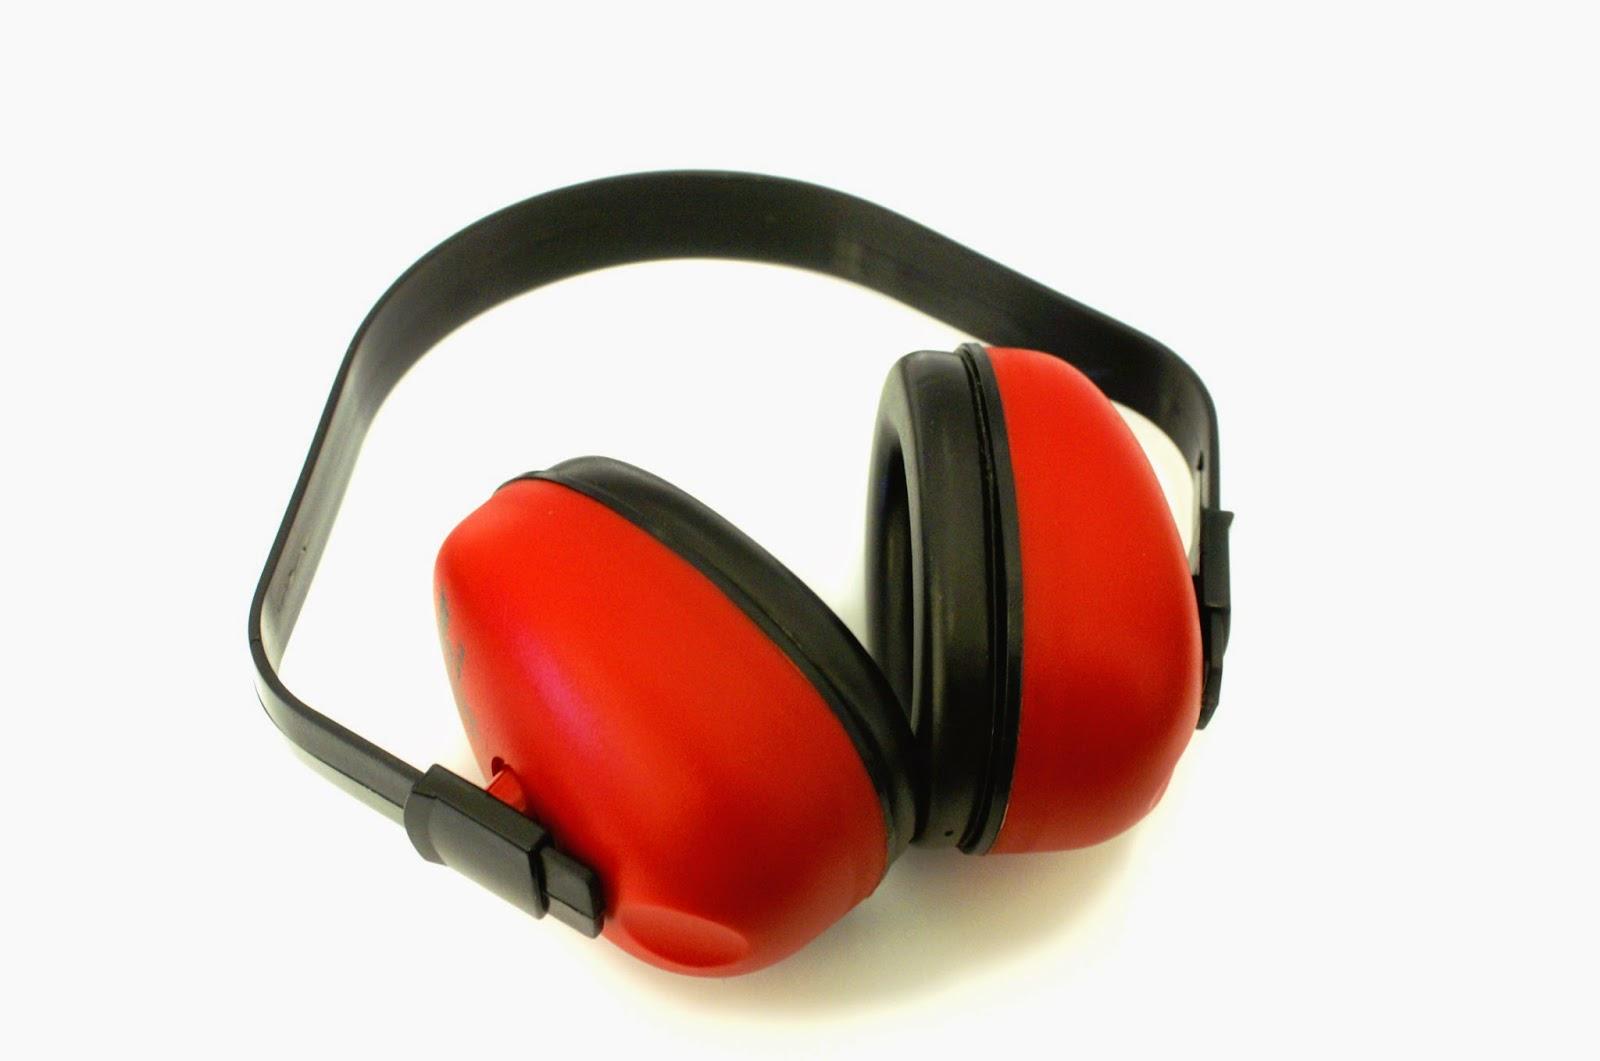 Protetores auditivos  O excesso de ruídos das máquinas deve ser minimizado  com o uso de protetores auditivos, evitando assim danos permanentes à  audição dos ... 14c46fc642